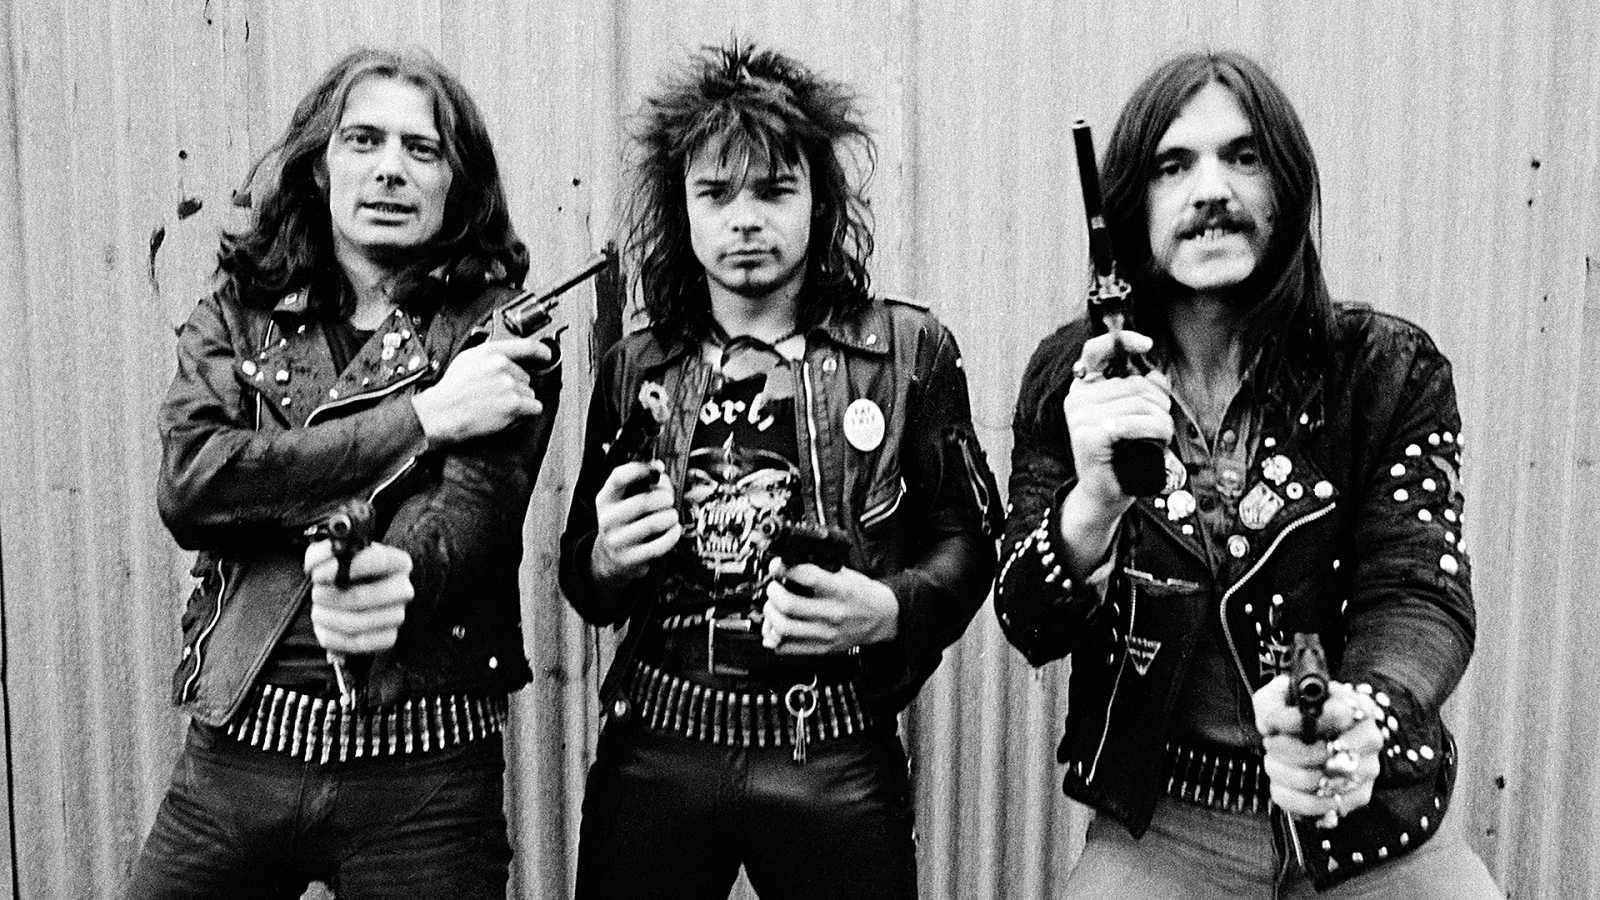 El Sótano - Ace of spades de Motorhead y los primeros The Damned - 29/10/20 - escuchar ahora